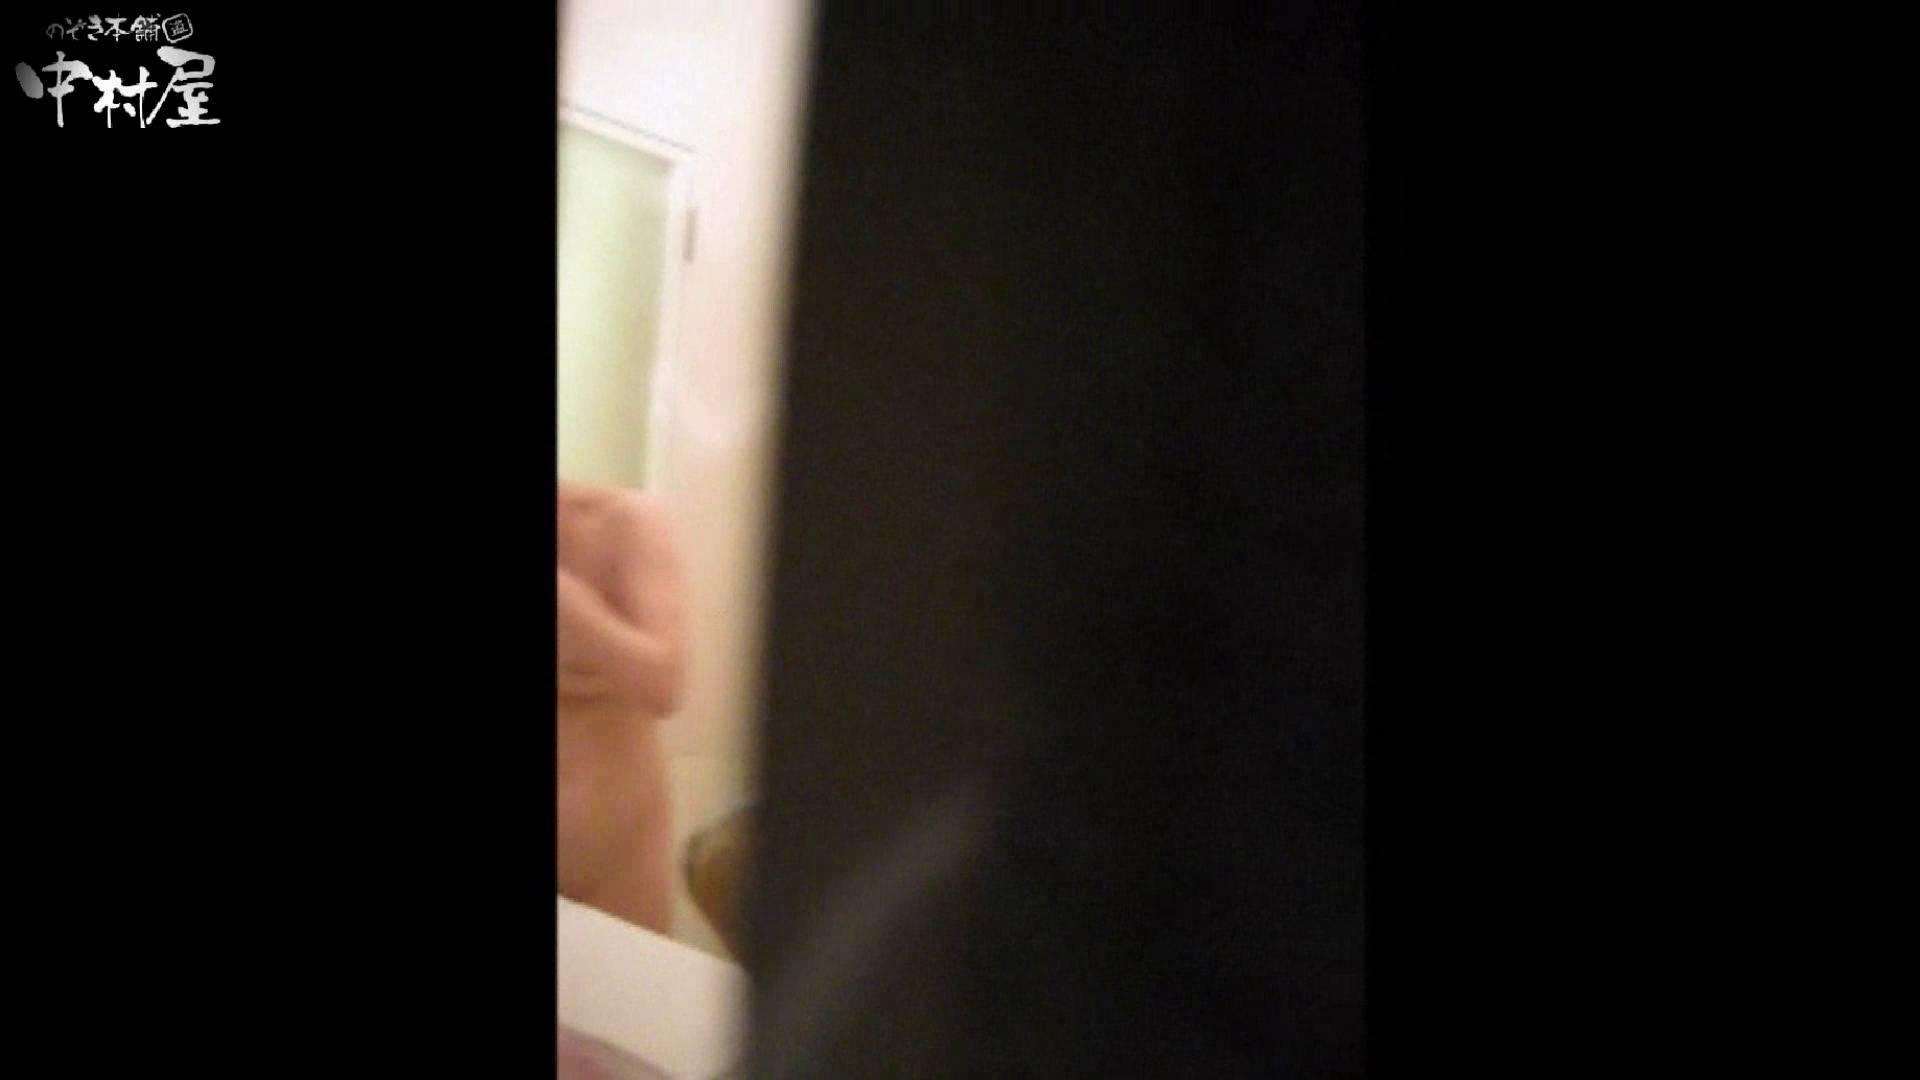 民家風呂専門盗撮師の超危険映像 vol.015 民家シリーズ すけべAV動画紹介 99PIX 63